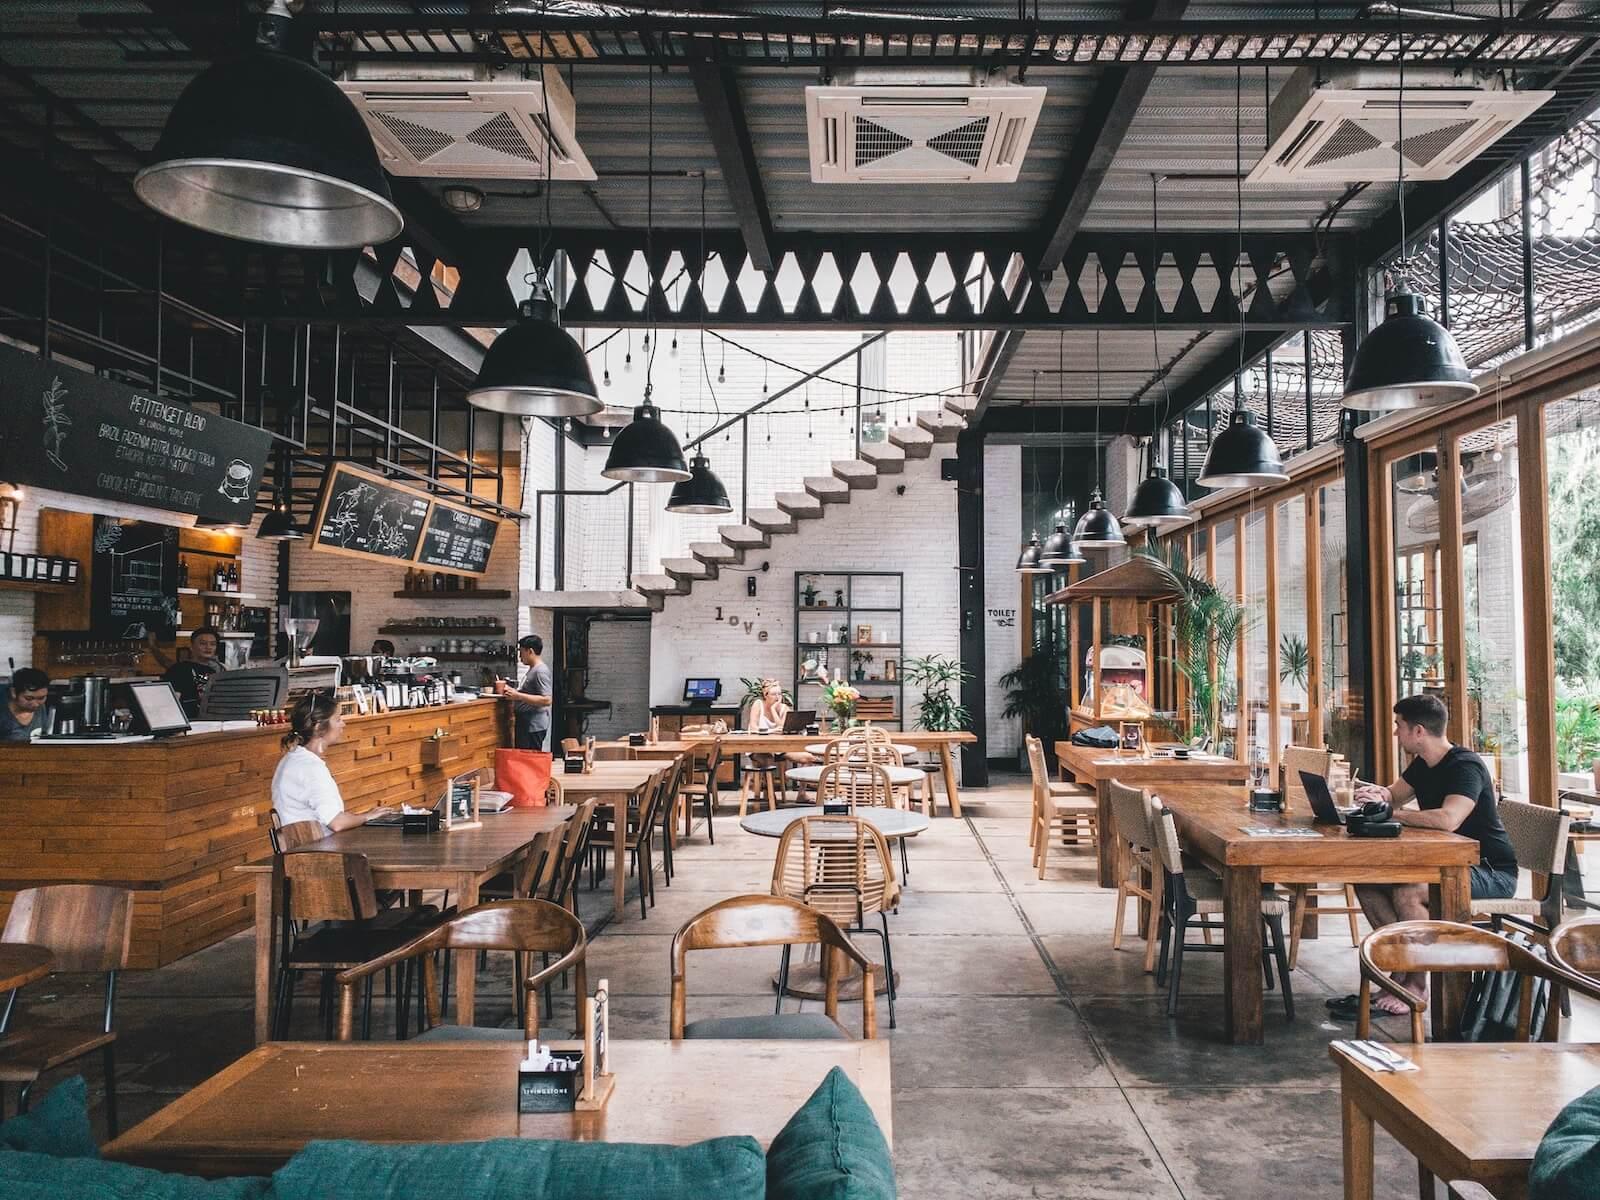 restaurant in Minneapolis interior